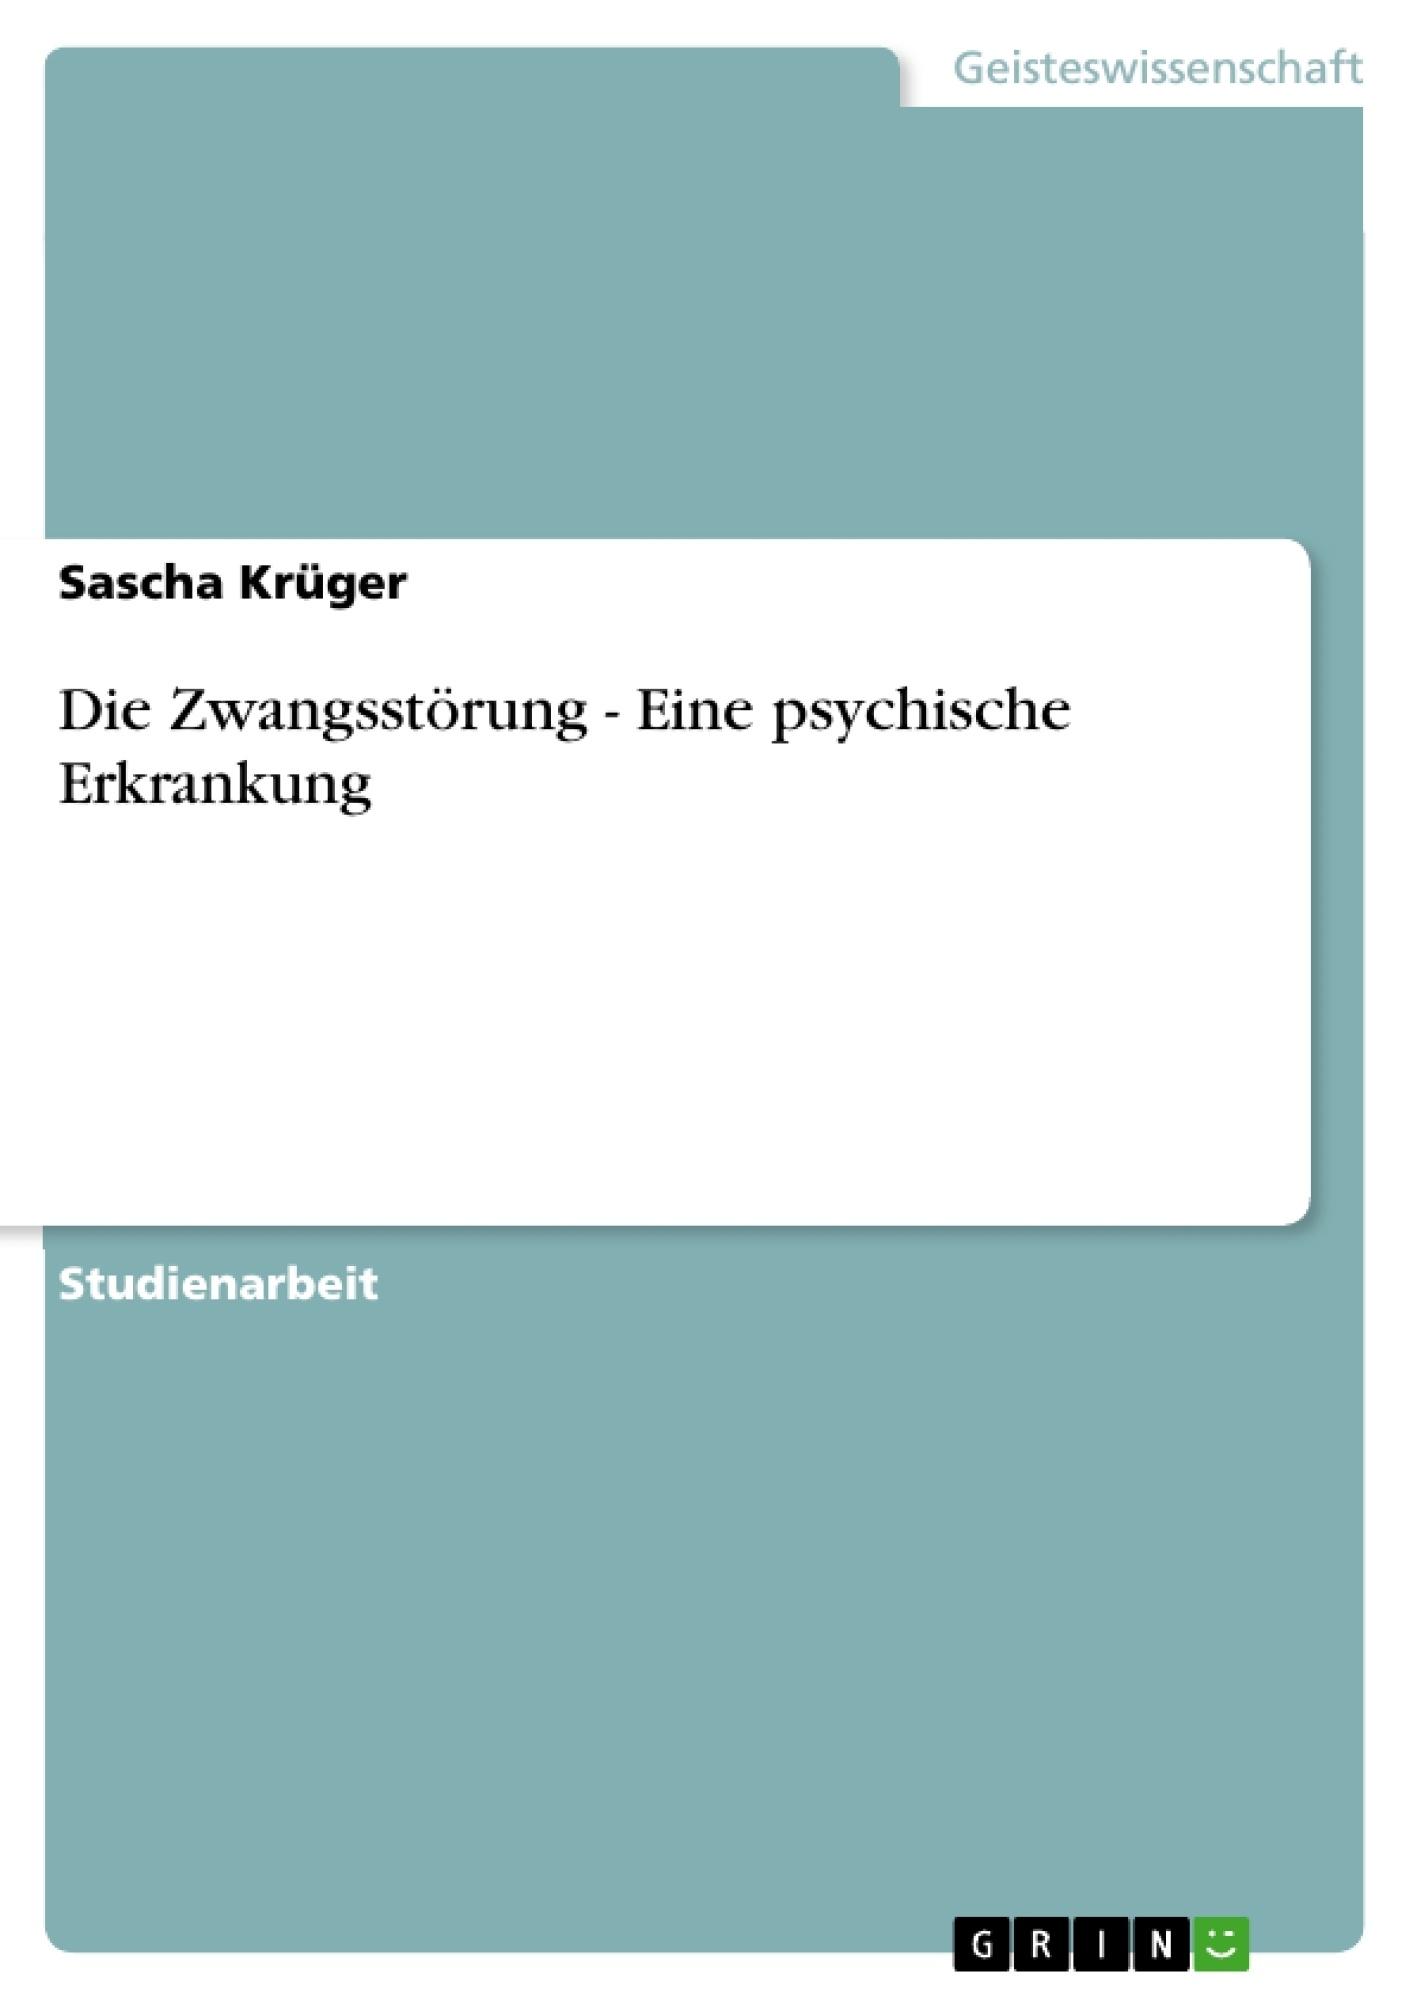 Titel: Die Zwangsstörung - Eine psychische Erkrankung